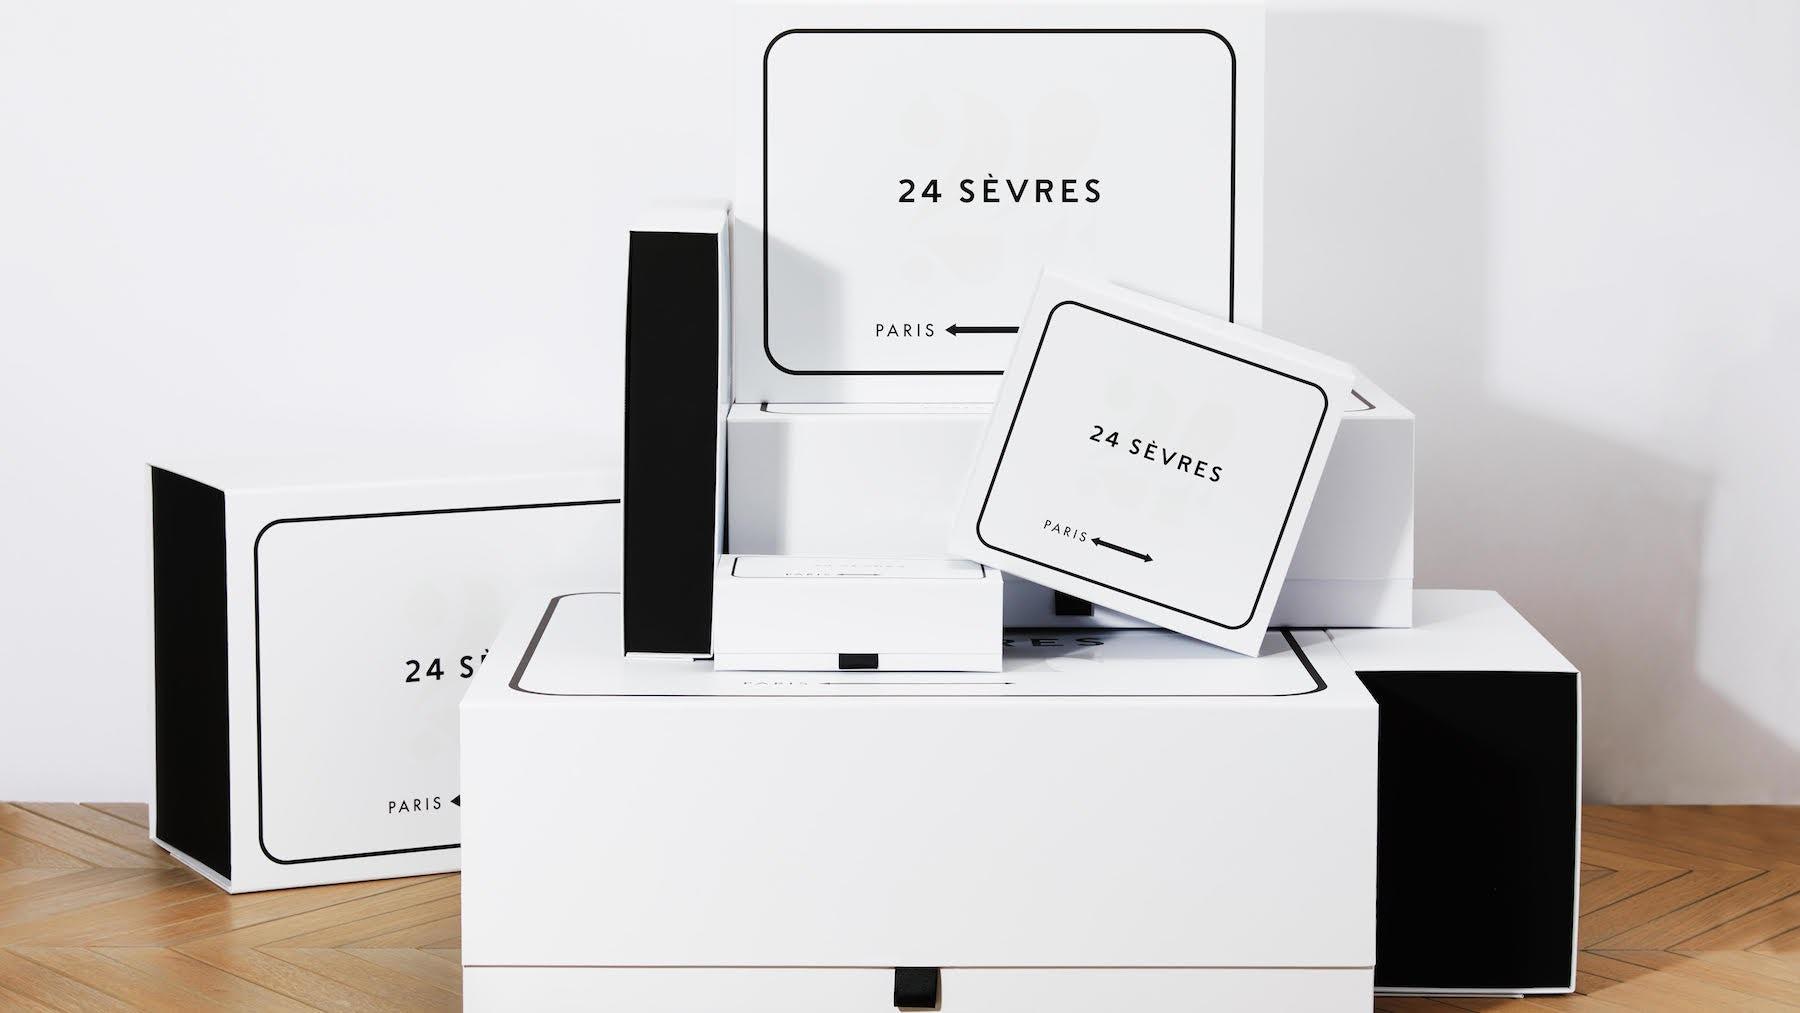 E-commerce site 24 Sévres | Source: Courtesy